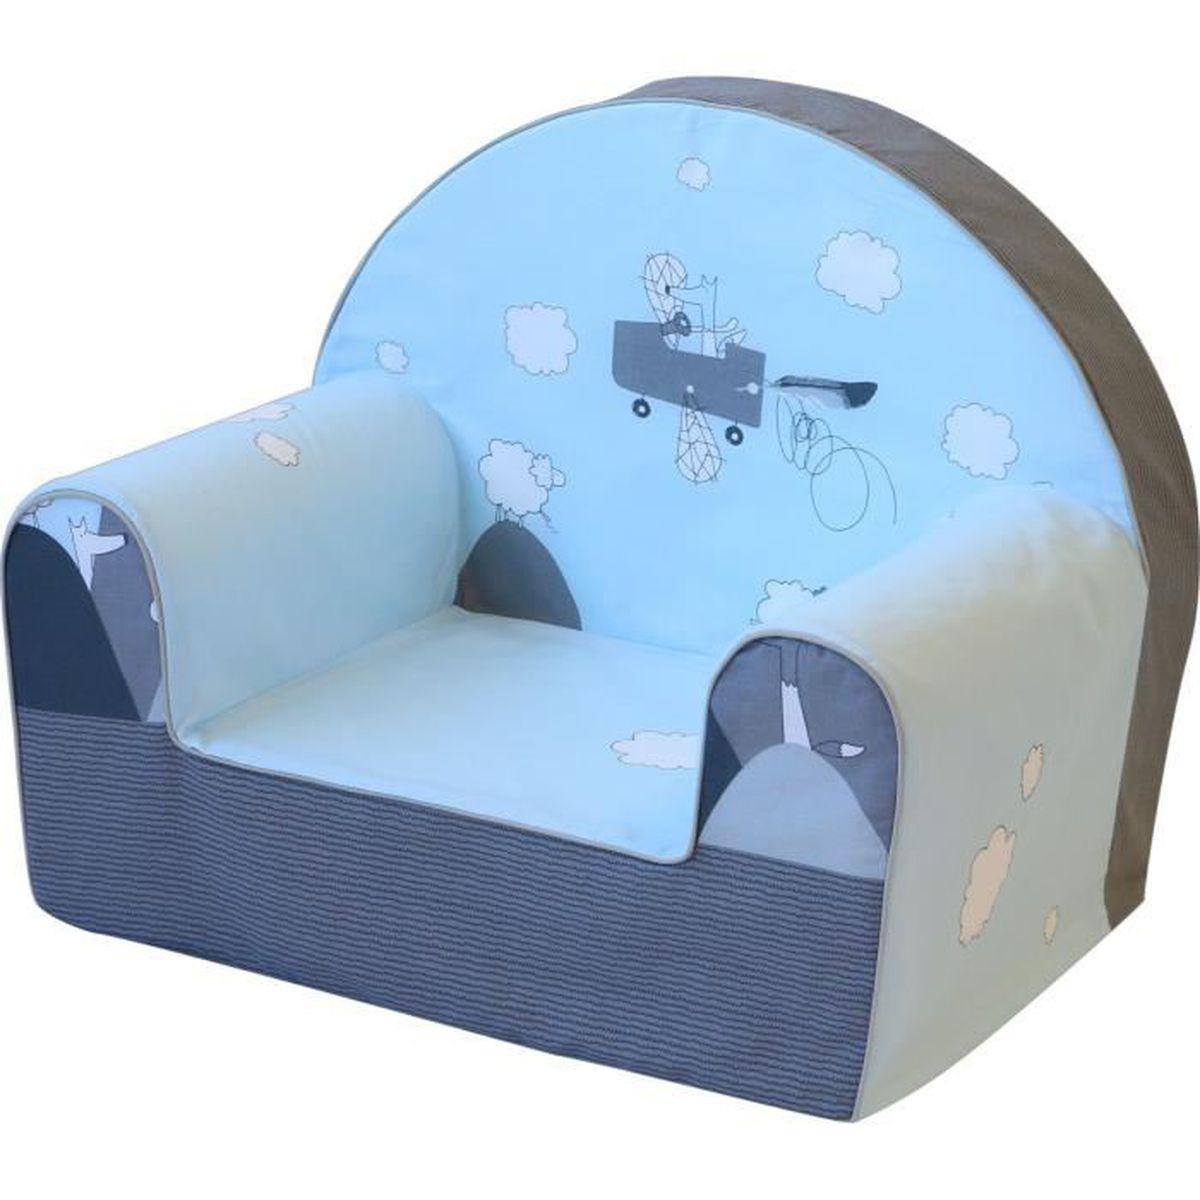 Fauteuil Pour Bébé bubaba - fauteuil pour enfant, 12 designs différents, mousse